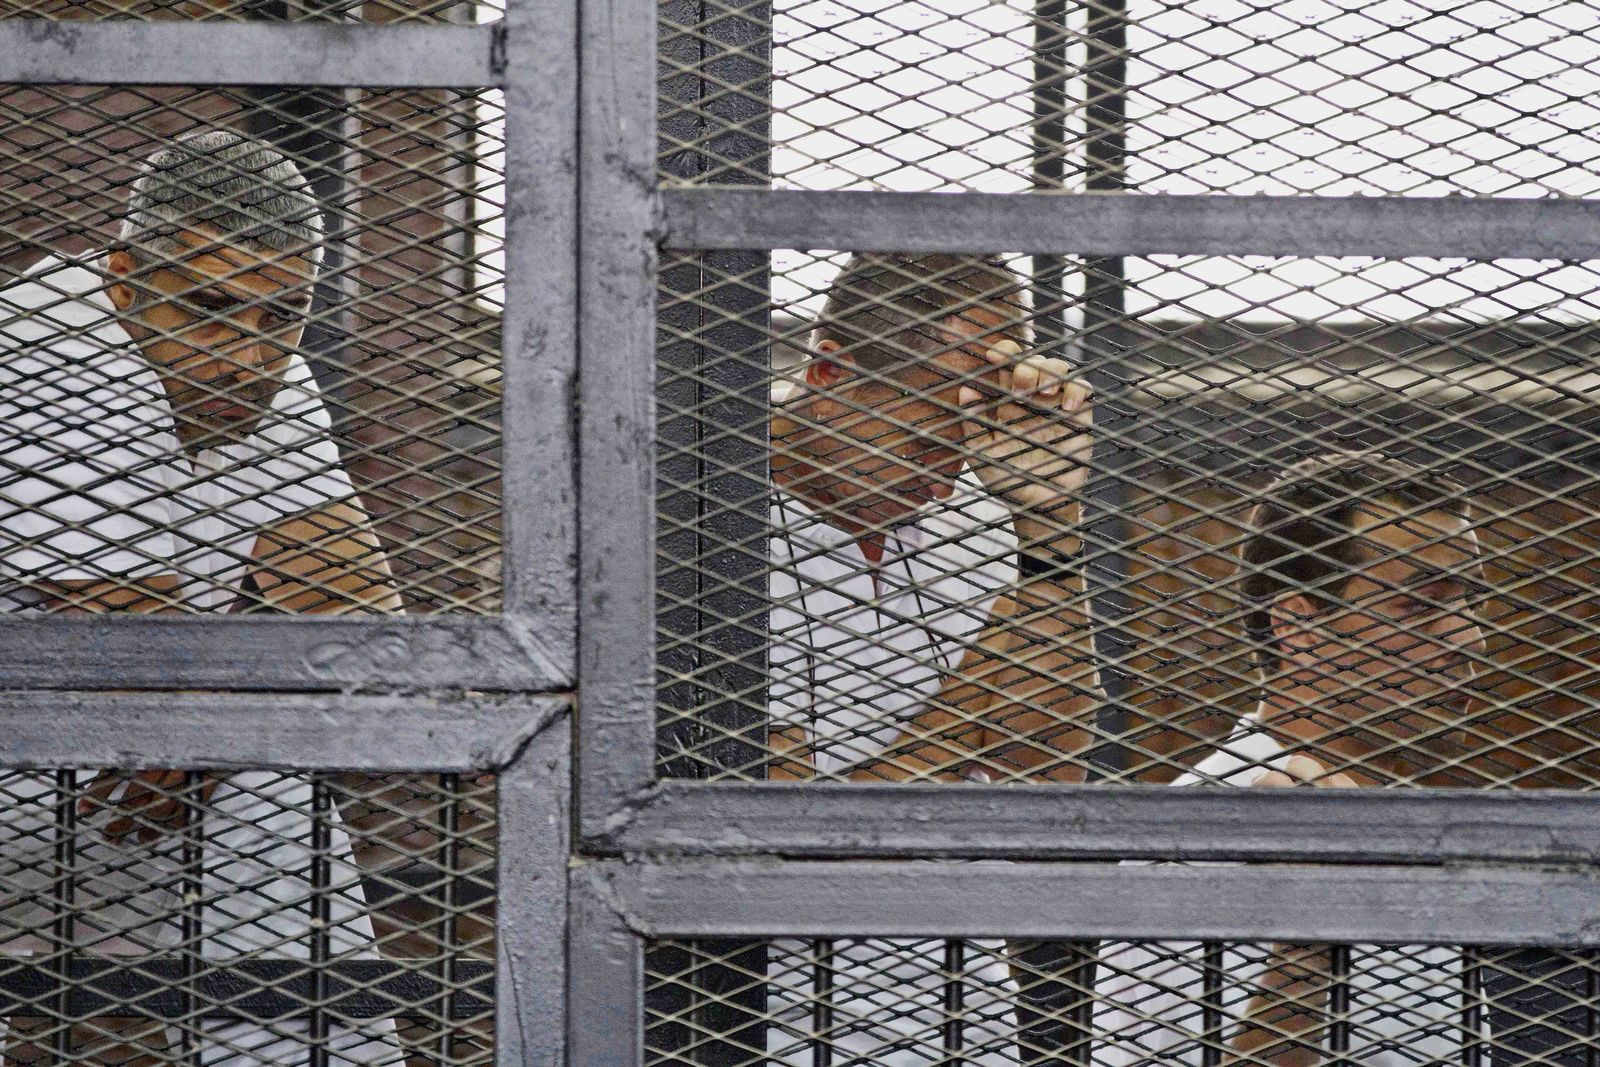 Mohammed Fahmy, Peter Greste, Baher Mohamed